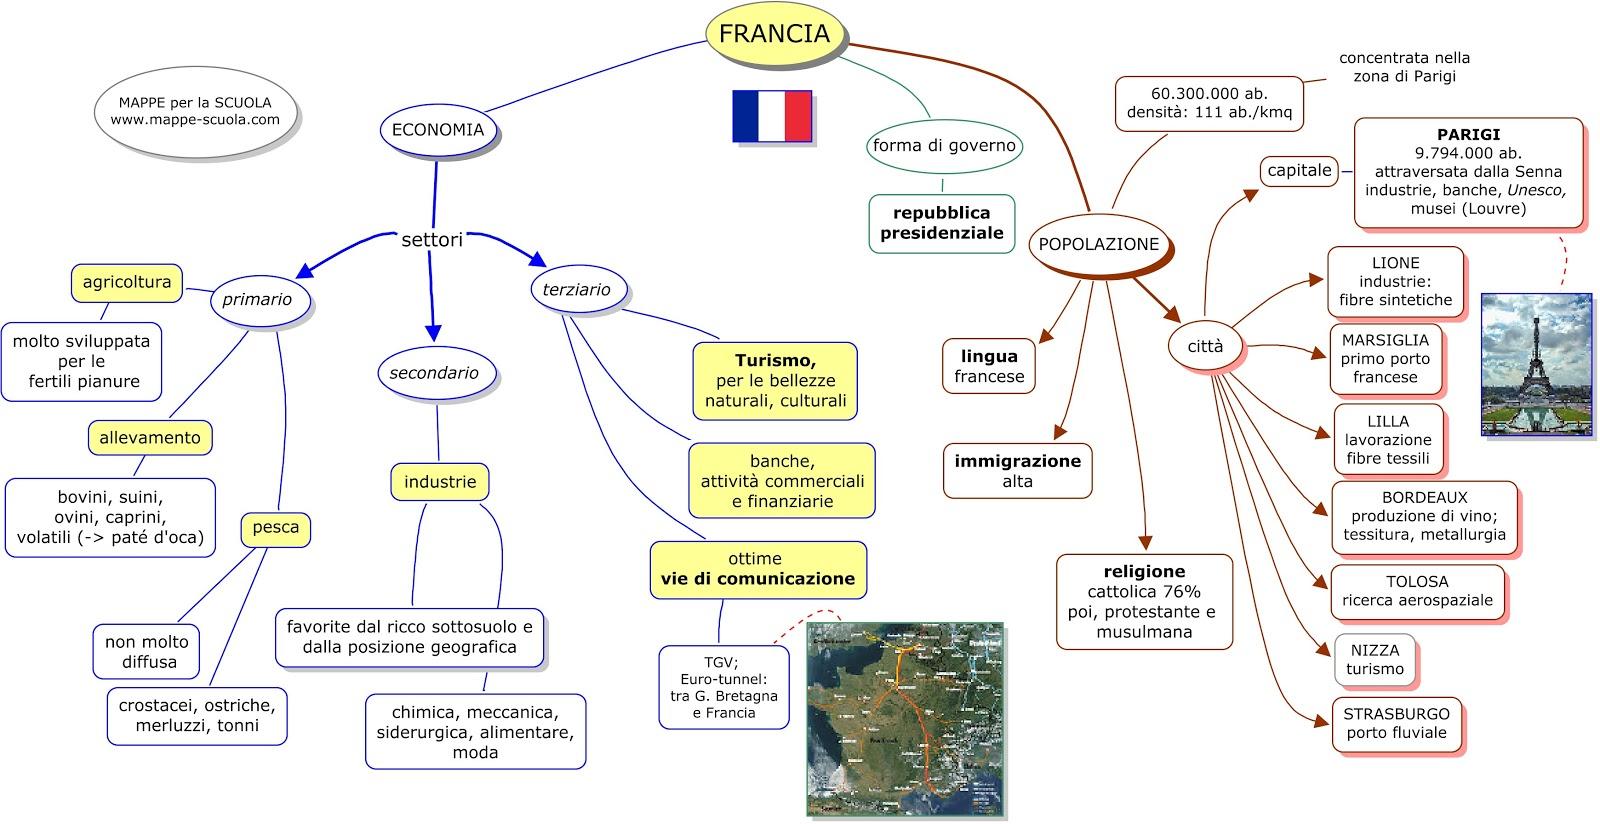 Popolare MAPPE per la SCUOLA: LA FRANCIA RL08